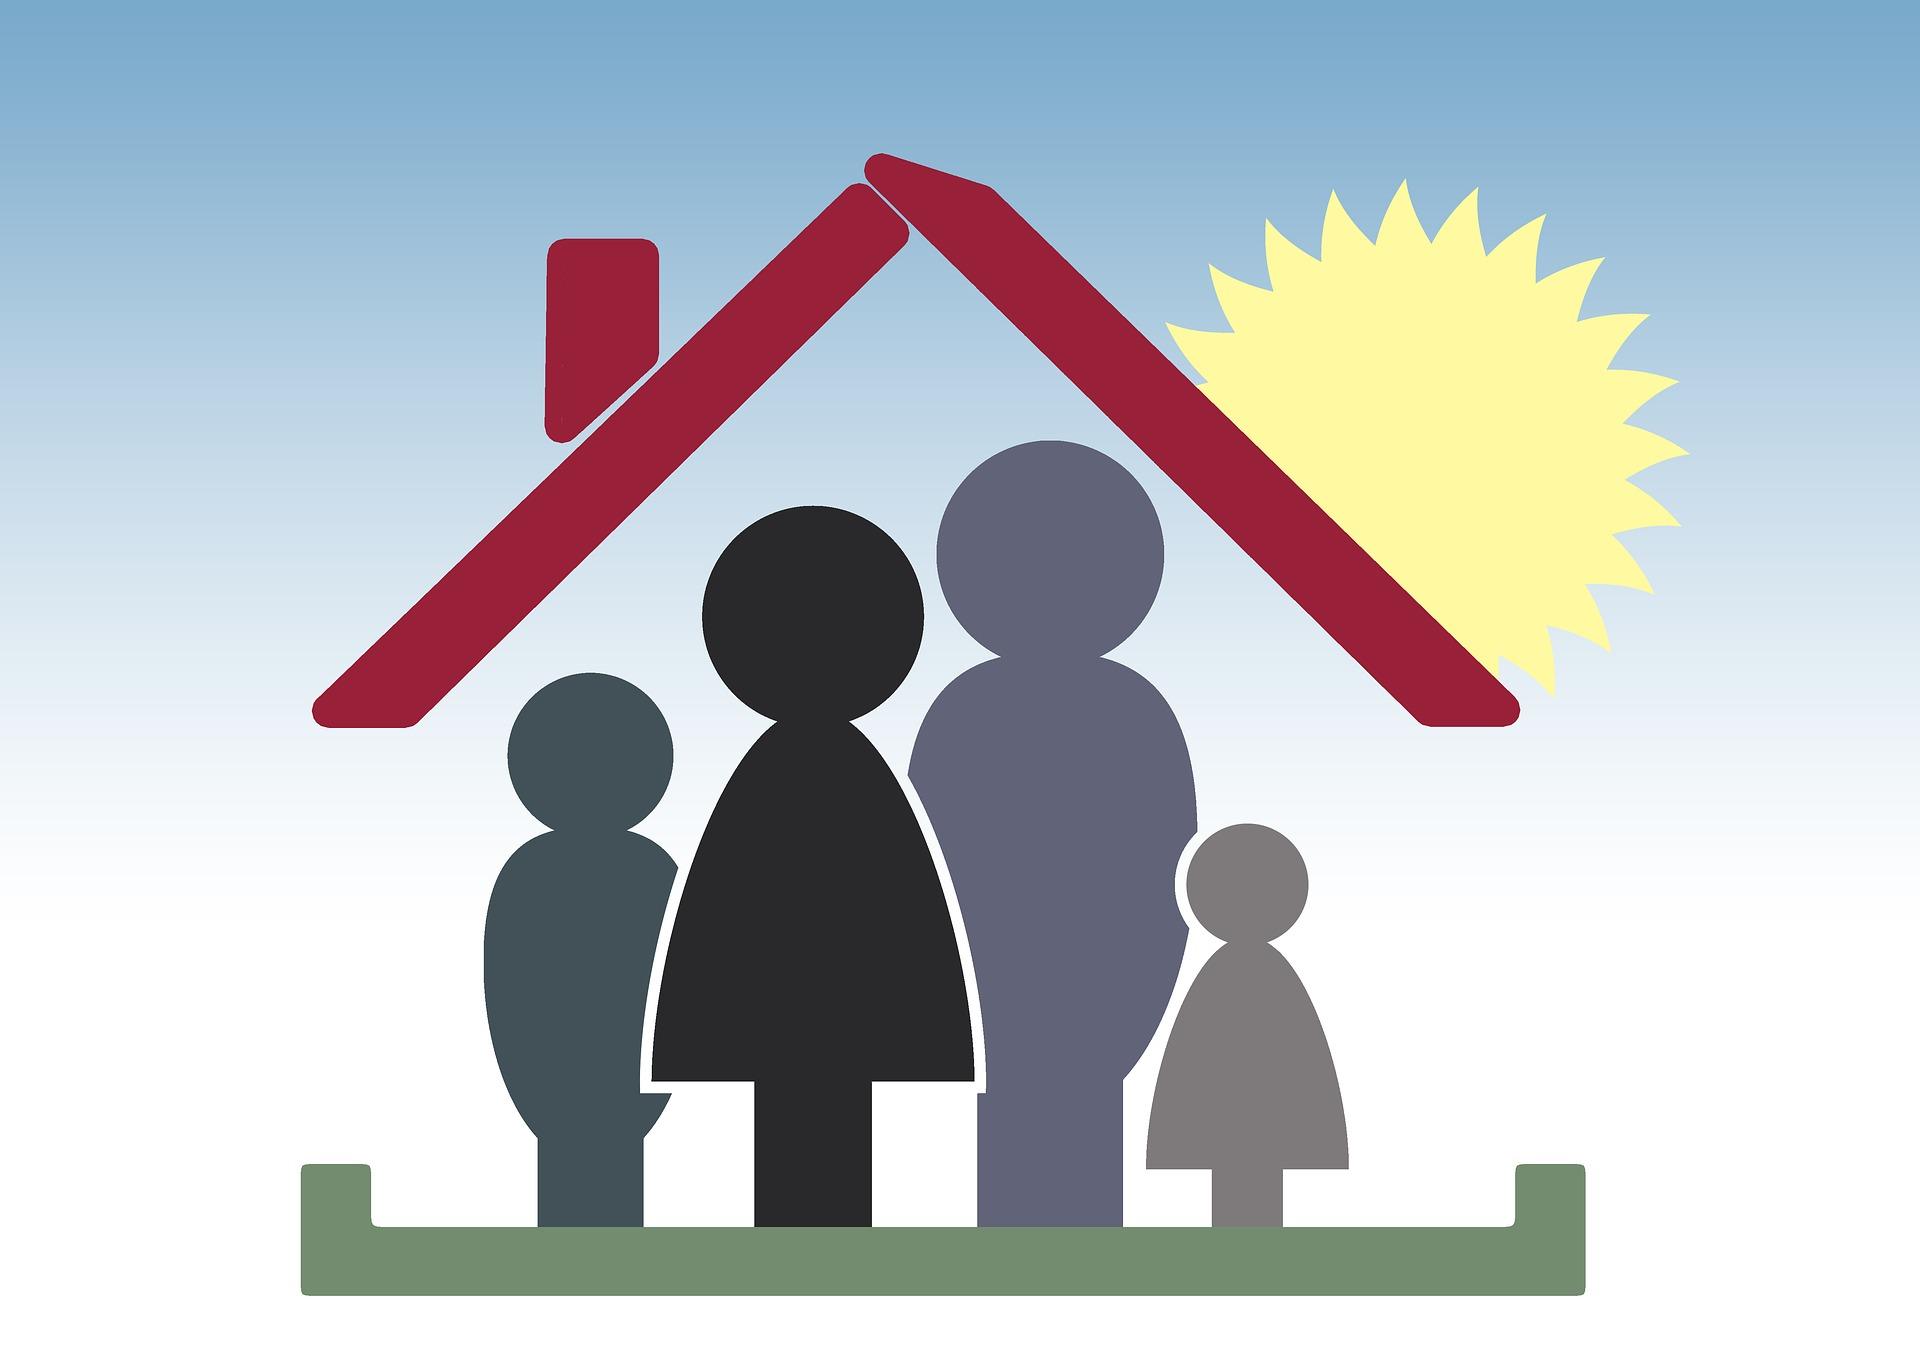 Medidas en materia de derecho de familia del Real Decreto-ley 16/2020, de 28 de abril, para hacer frente al COVID-19 en el ámbito de la Administración de Justicia